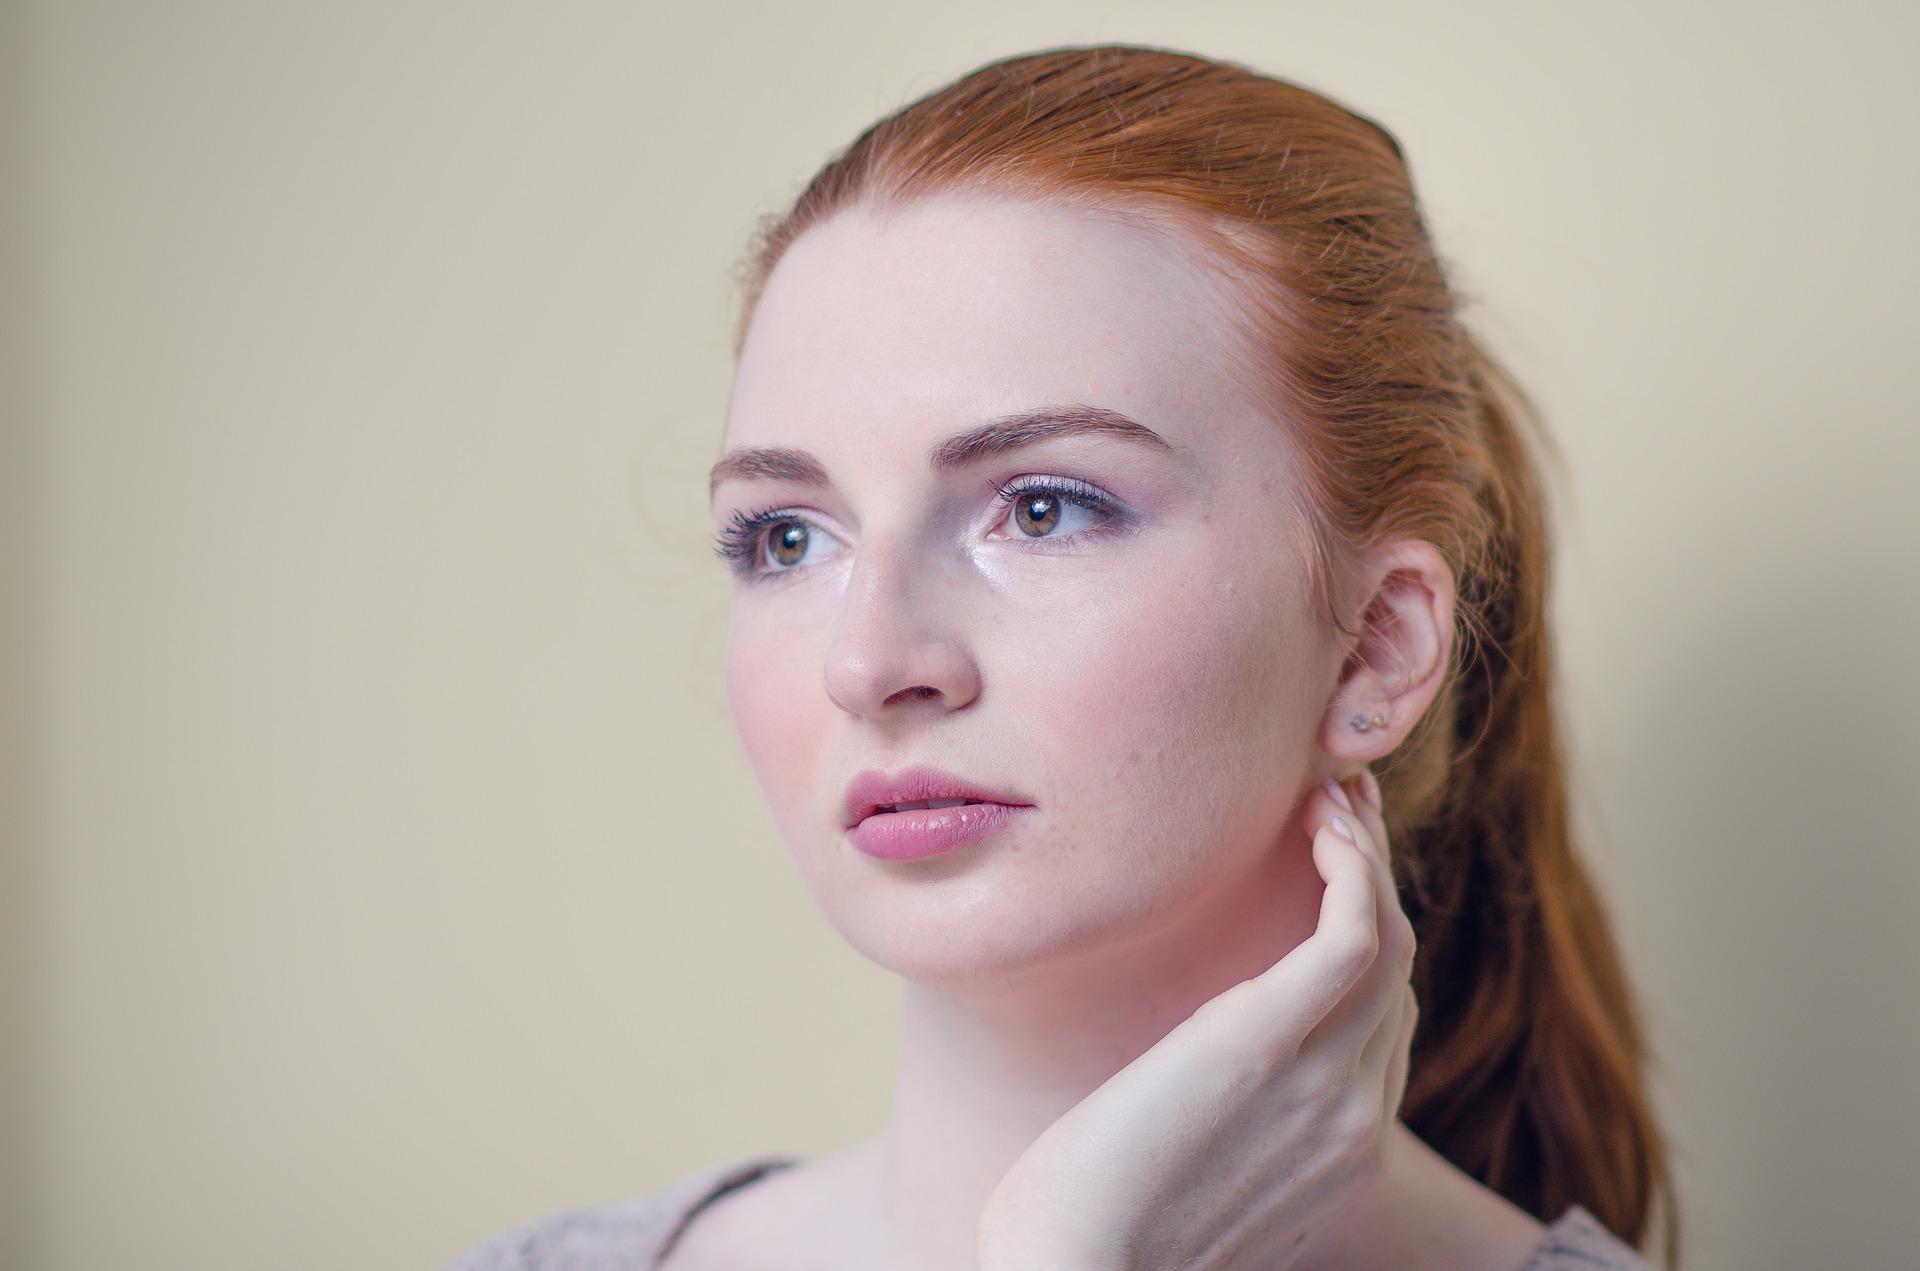 El especialista en la piel es Dermatología Dexeus